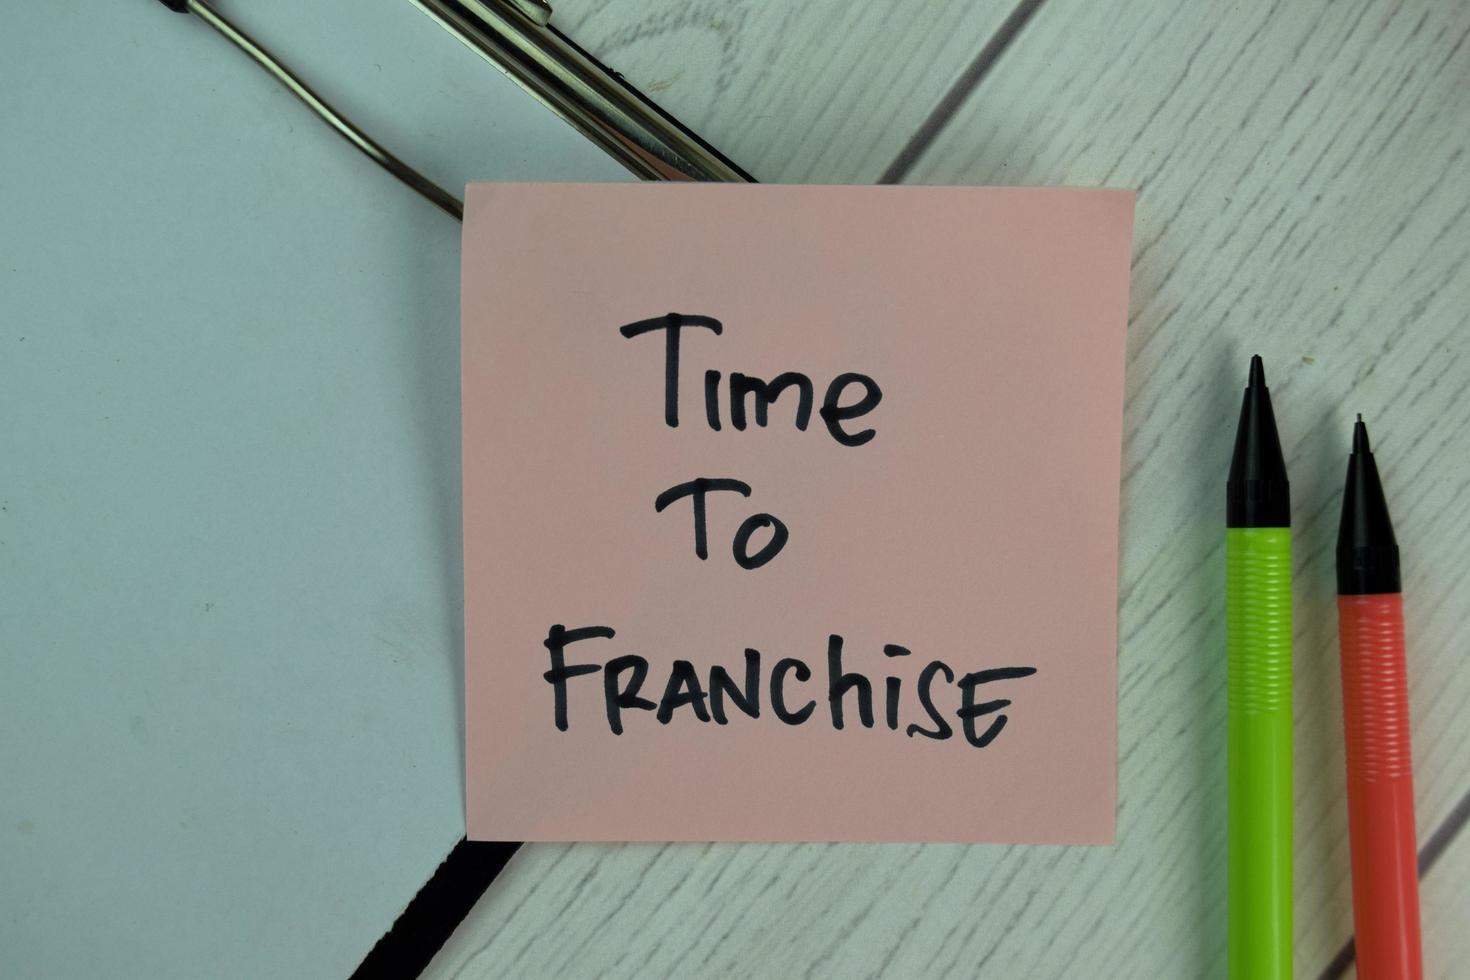 tid att franchise skriven på fästis isolerad på träbord foto